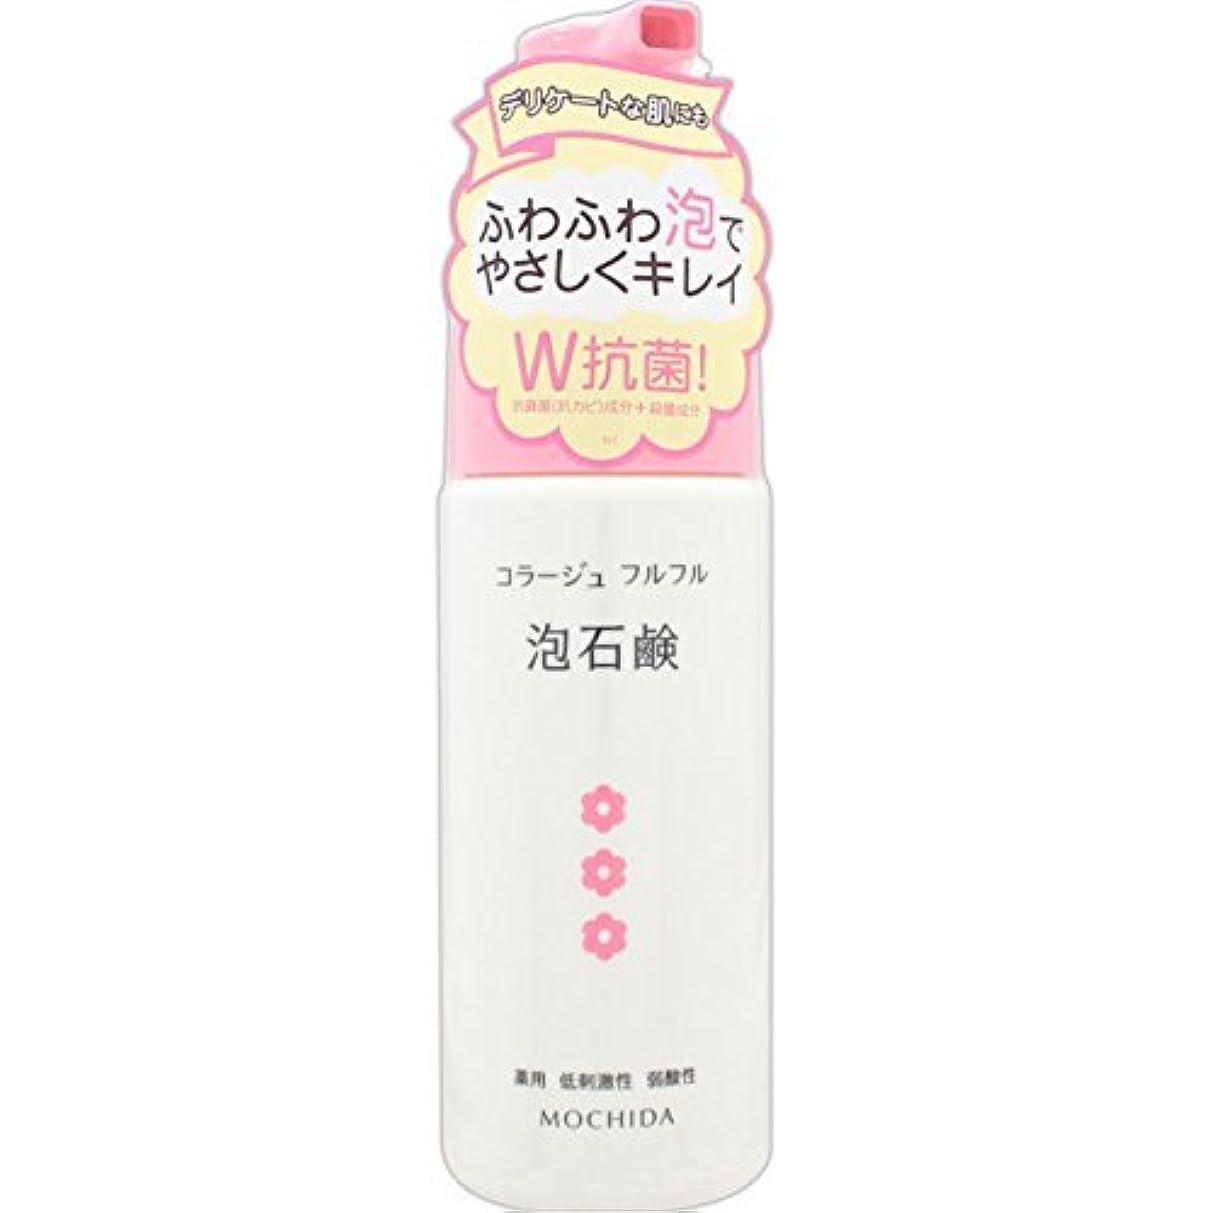 アピール忙しい正確さコラージュフルフル 泡石鹸 ピンク 150mL (医薬部外品) ×6